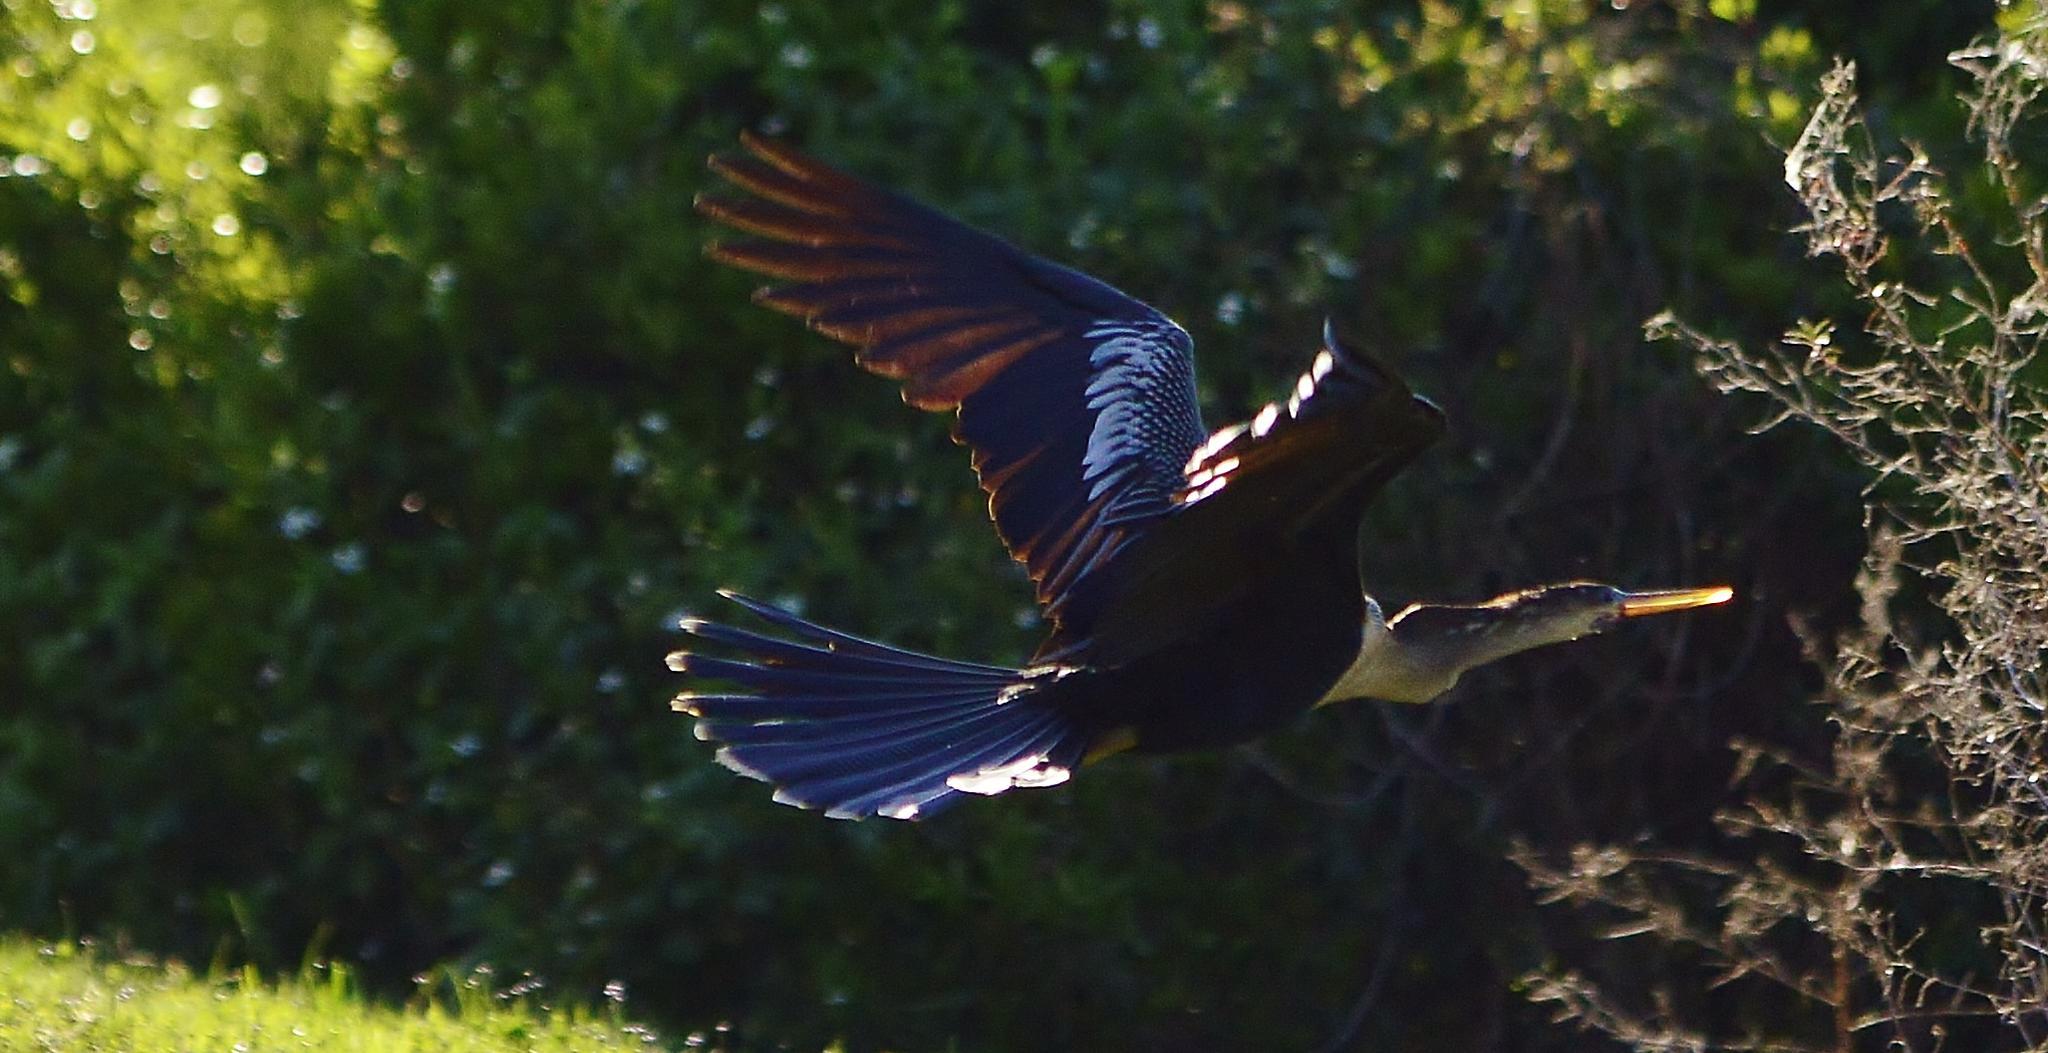 Anhinga (Snake Bird) by jamie.dorton